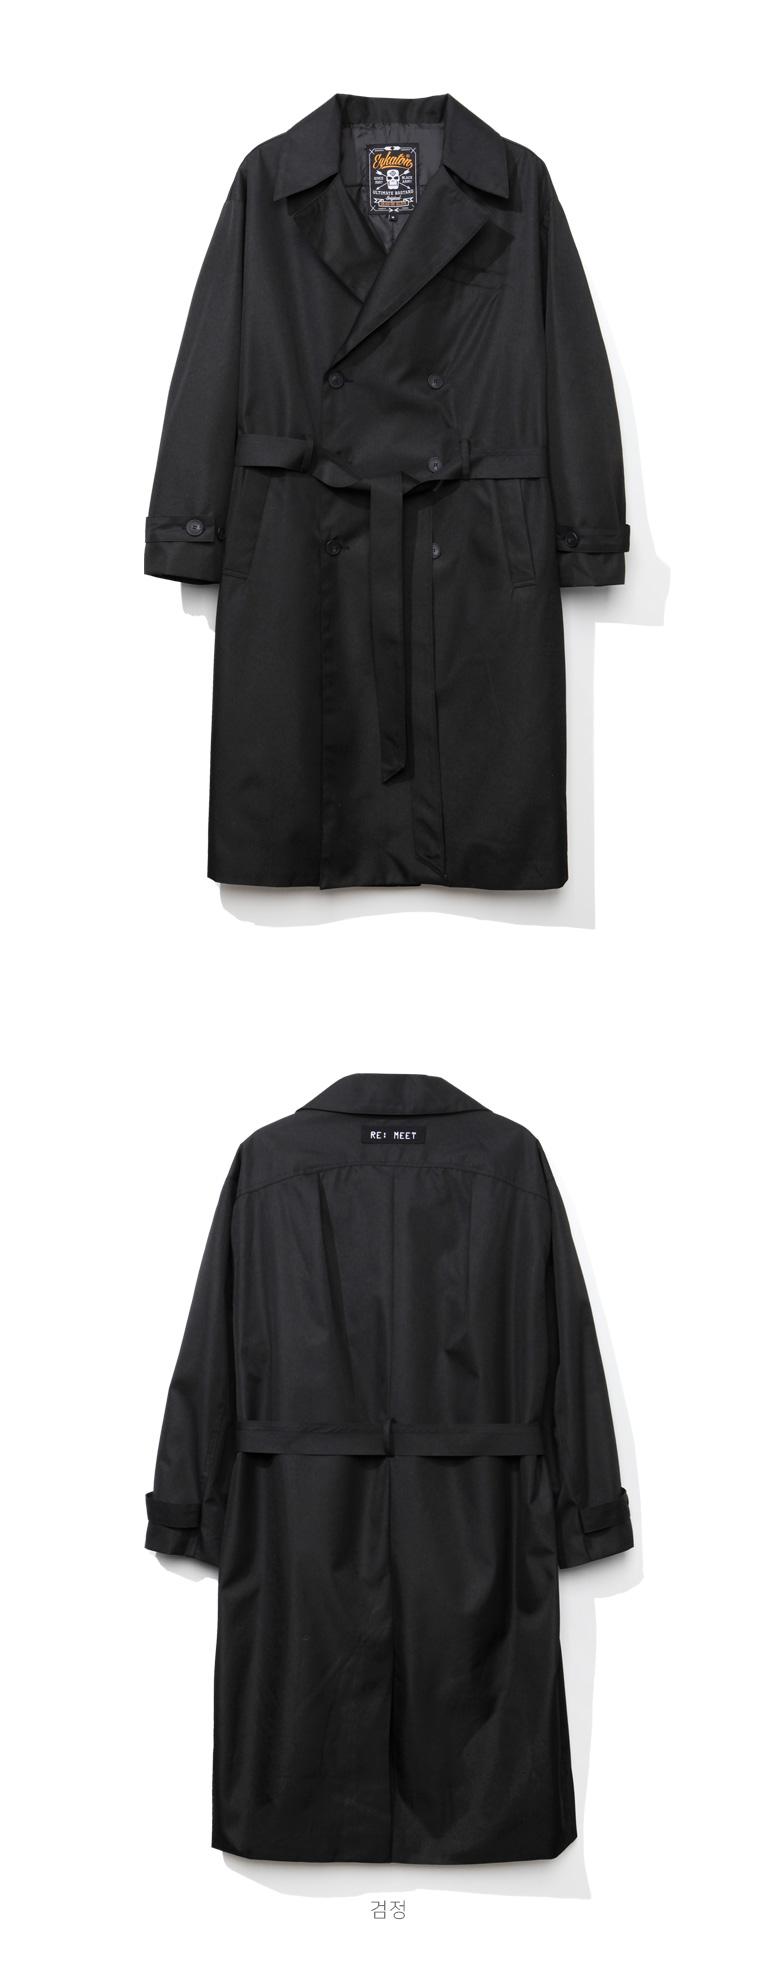 에즈카톤(EZKATON) 헤링본 로브 트렌치코트 검정 YMOT6507